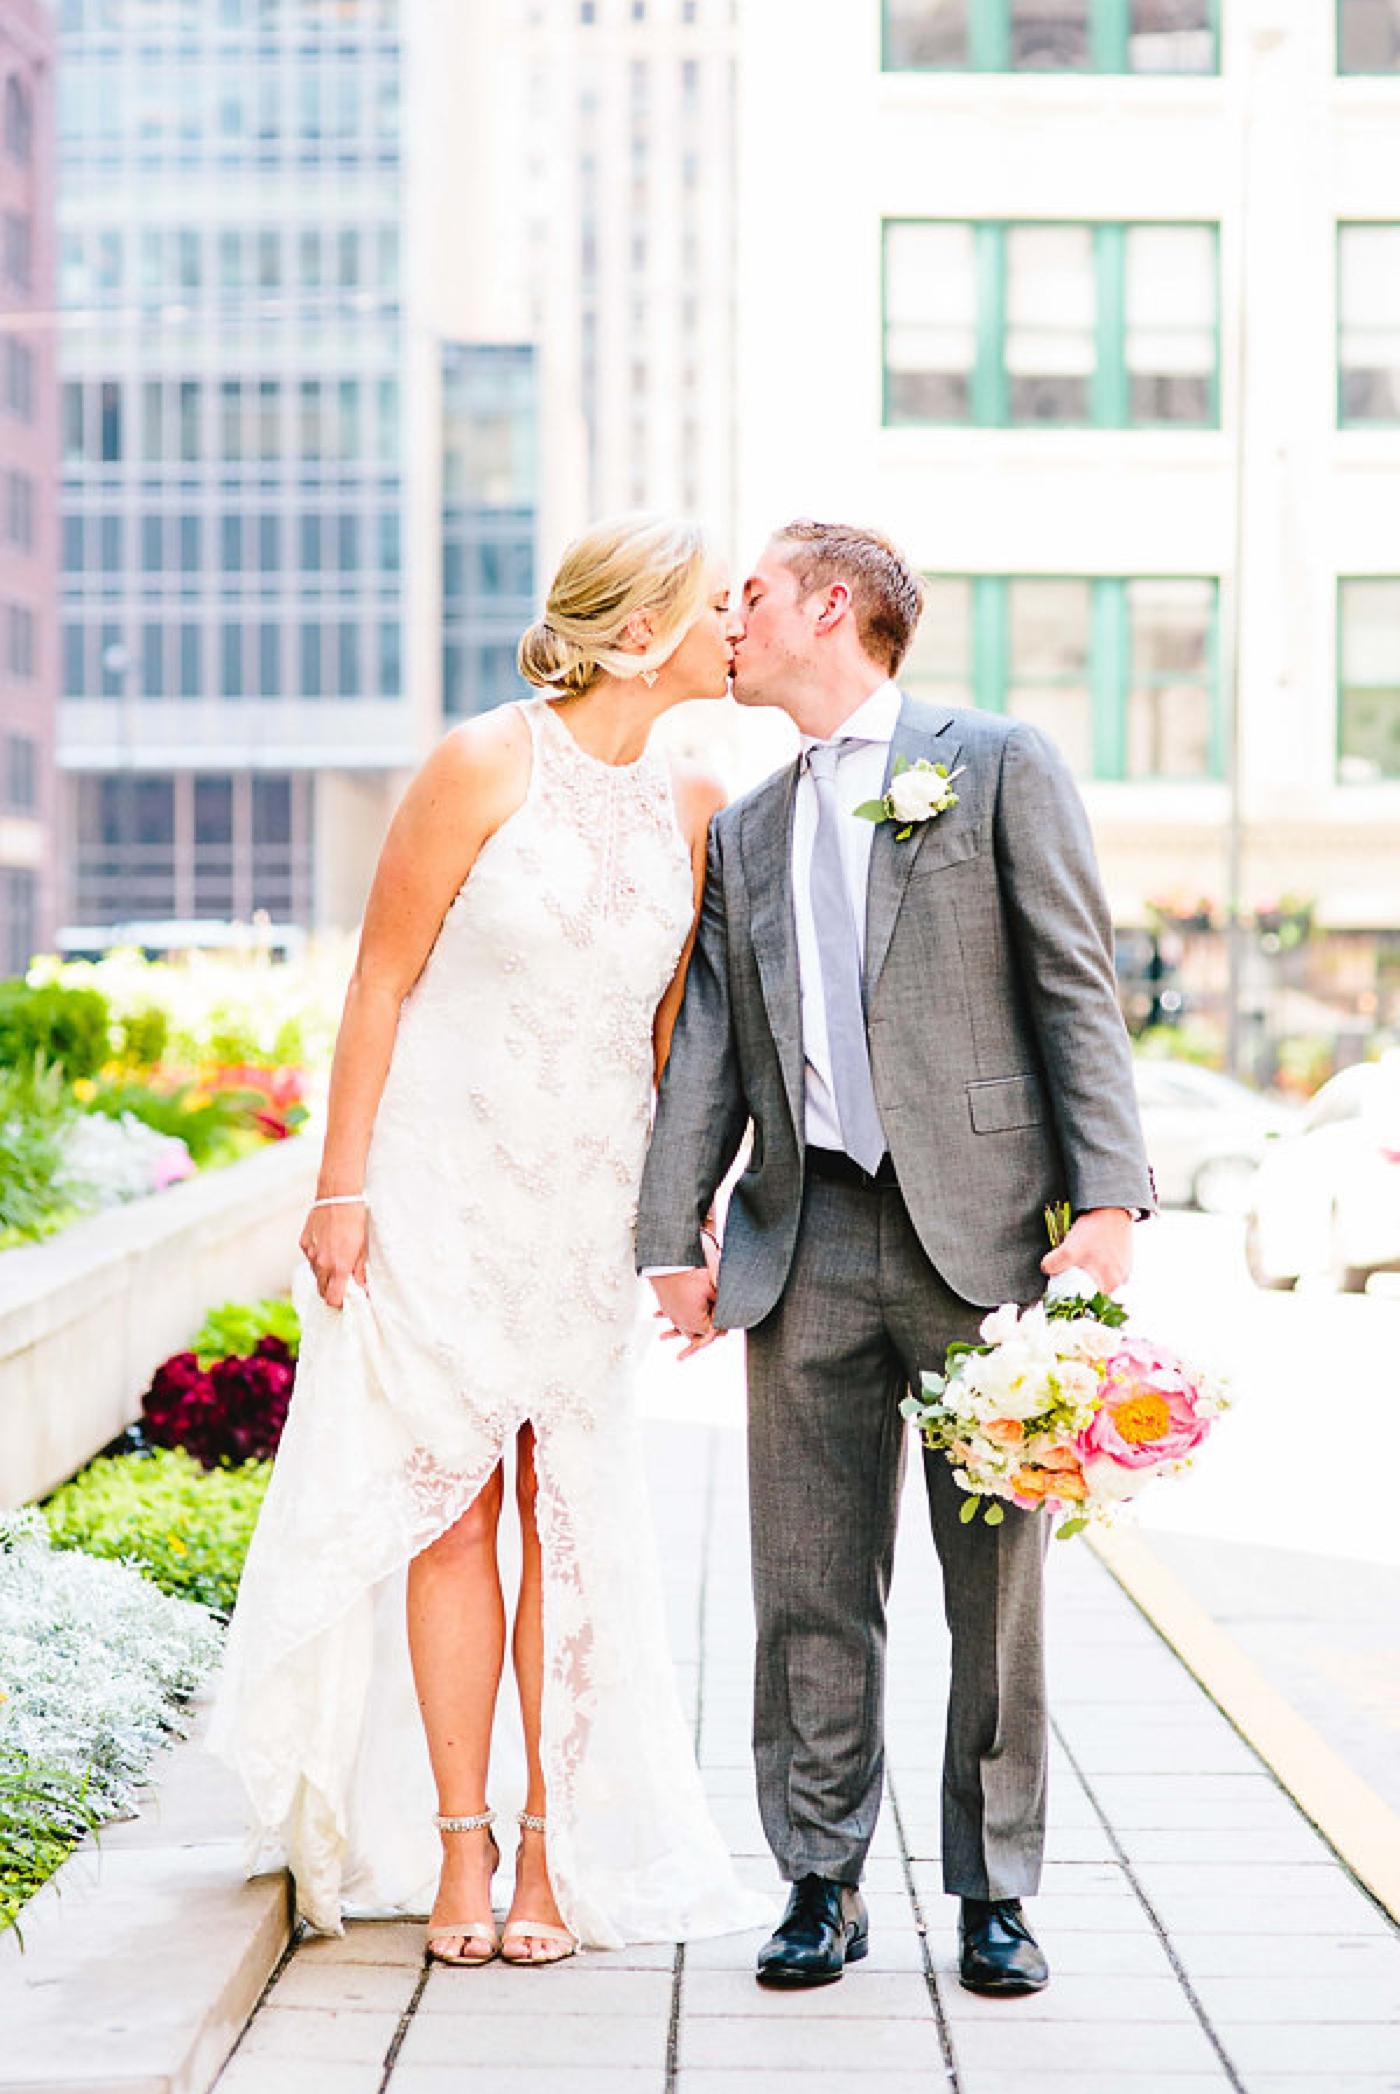 chicago-fine-art-wedding-photography-hrebic6